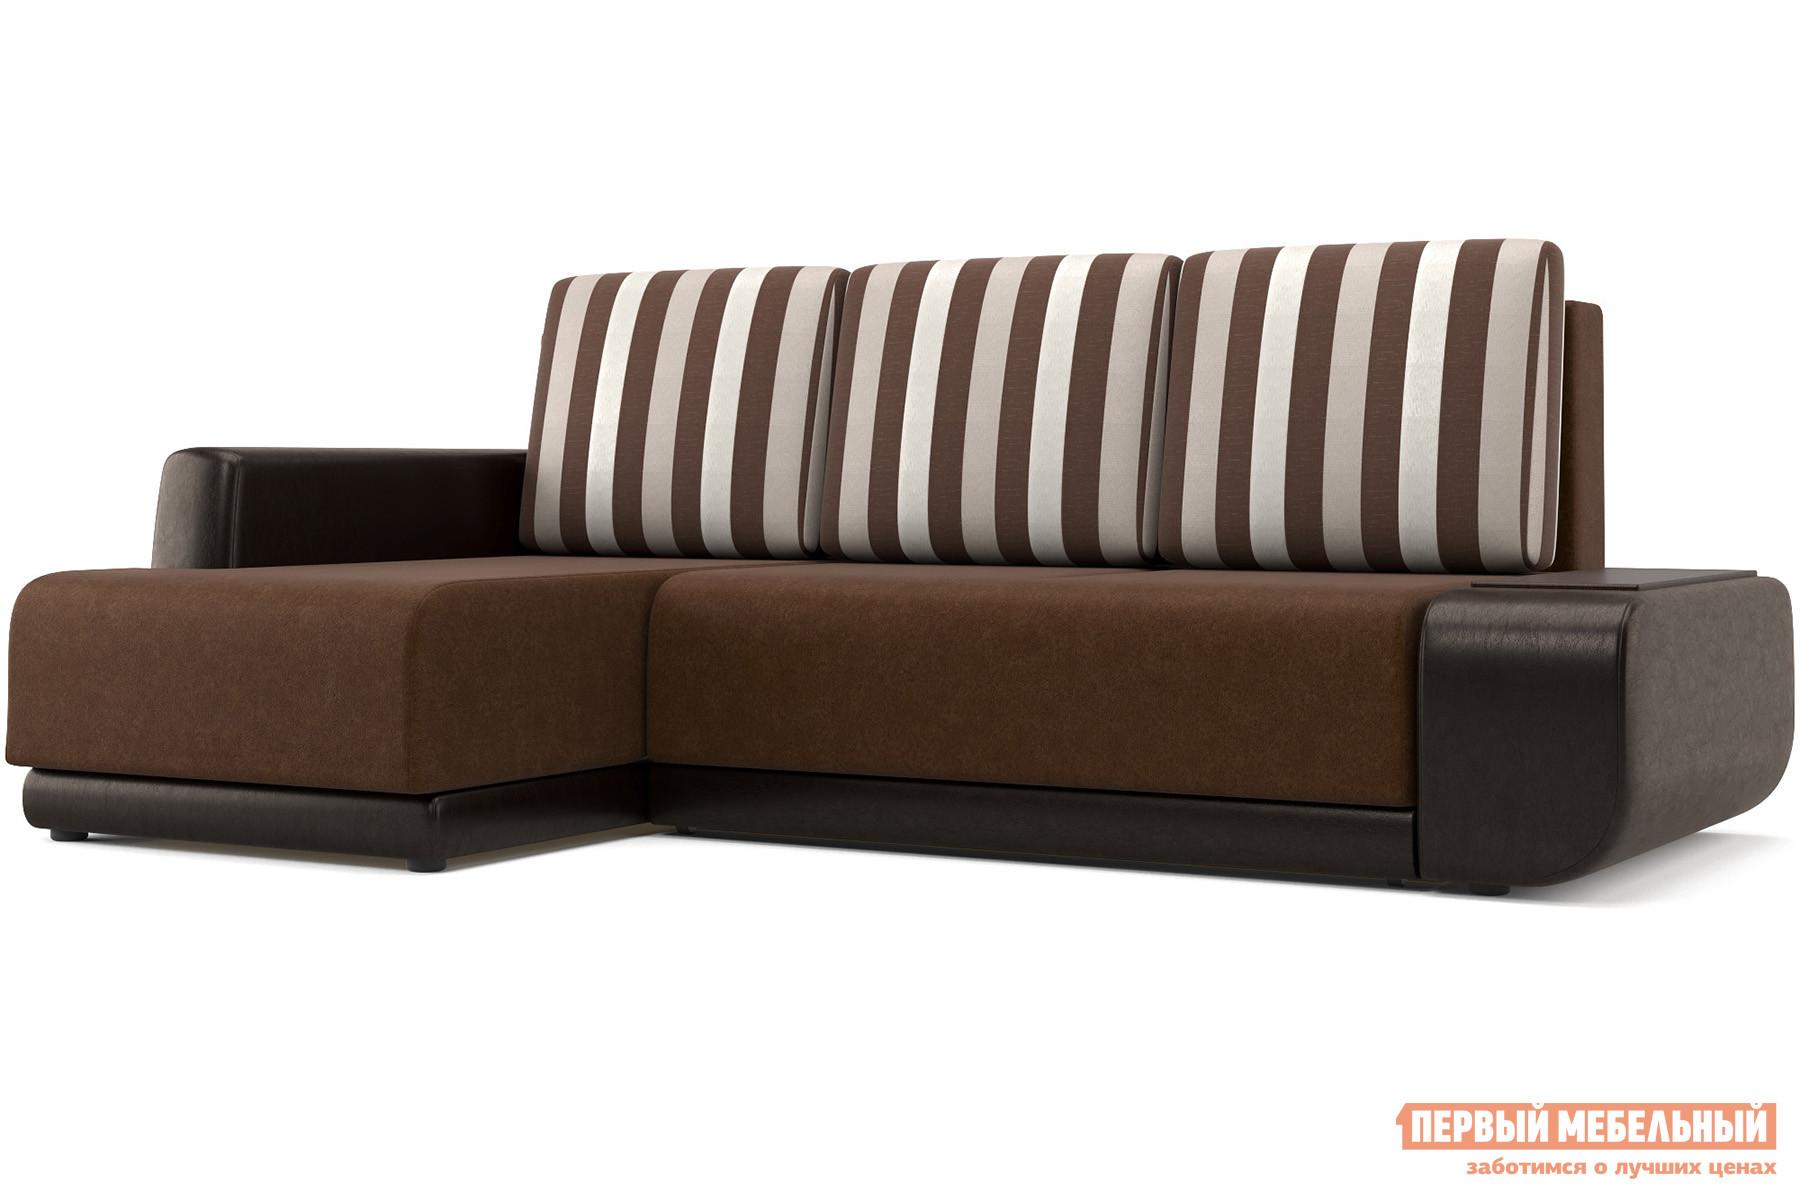 Угловой диван Первый Мебельный Соло Угловой